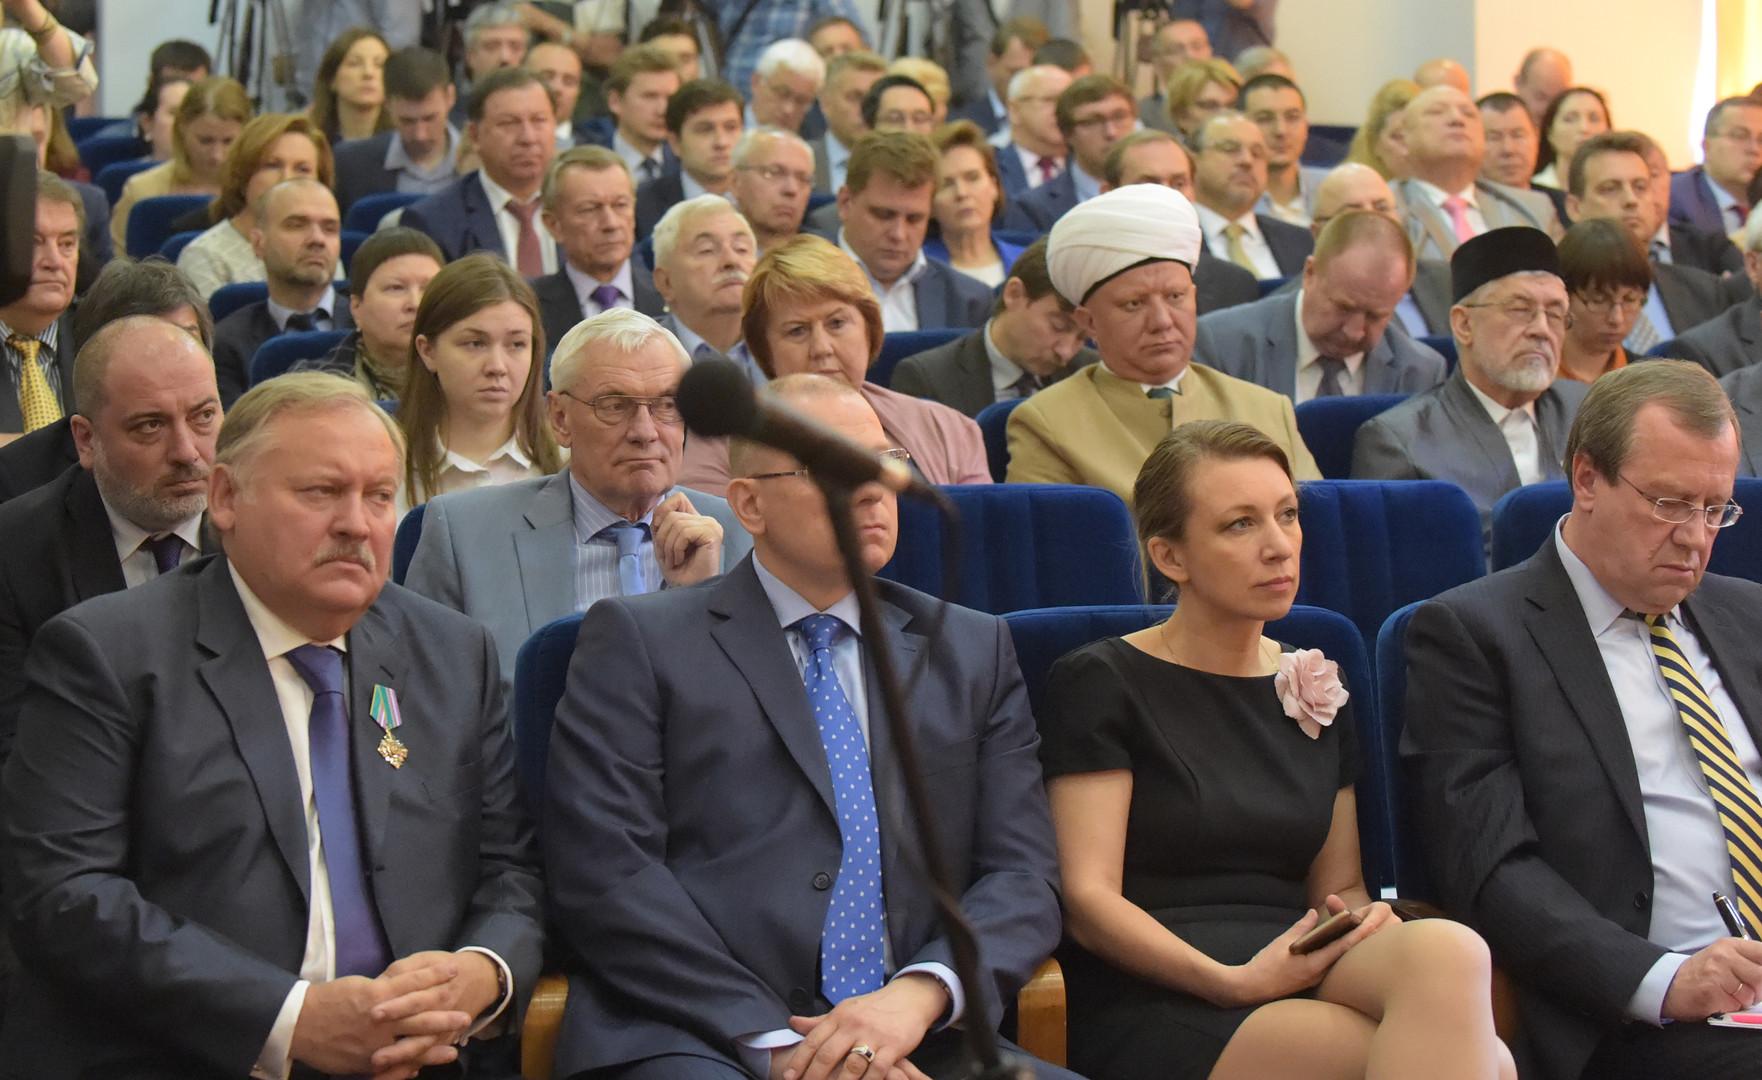 Streit um das Lewada-Zentrum in Moskau: Ausländische Agenten oder Opfer der Autokratie?